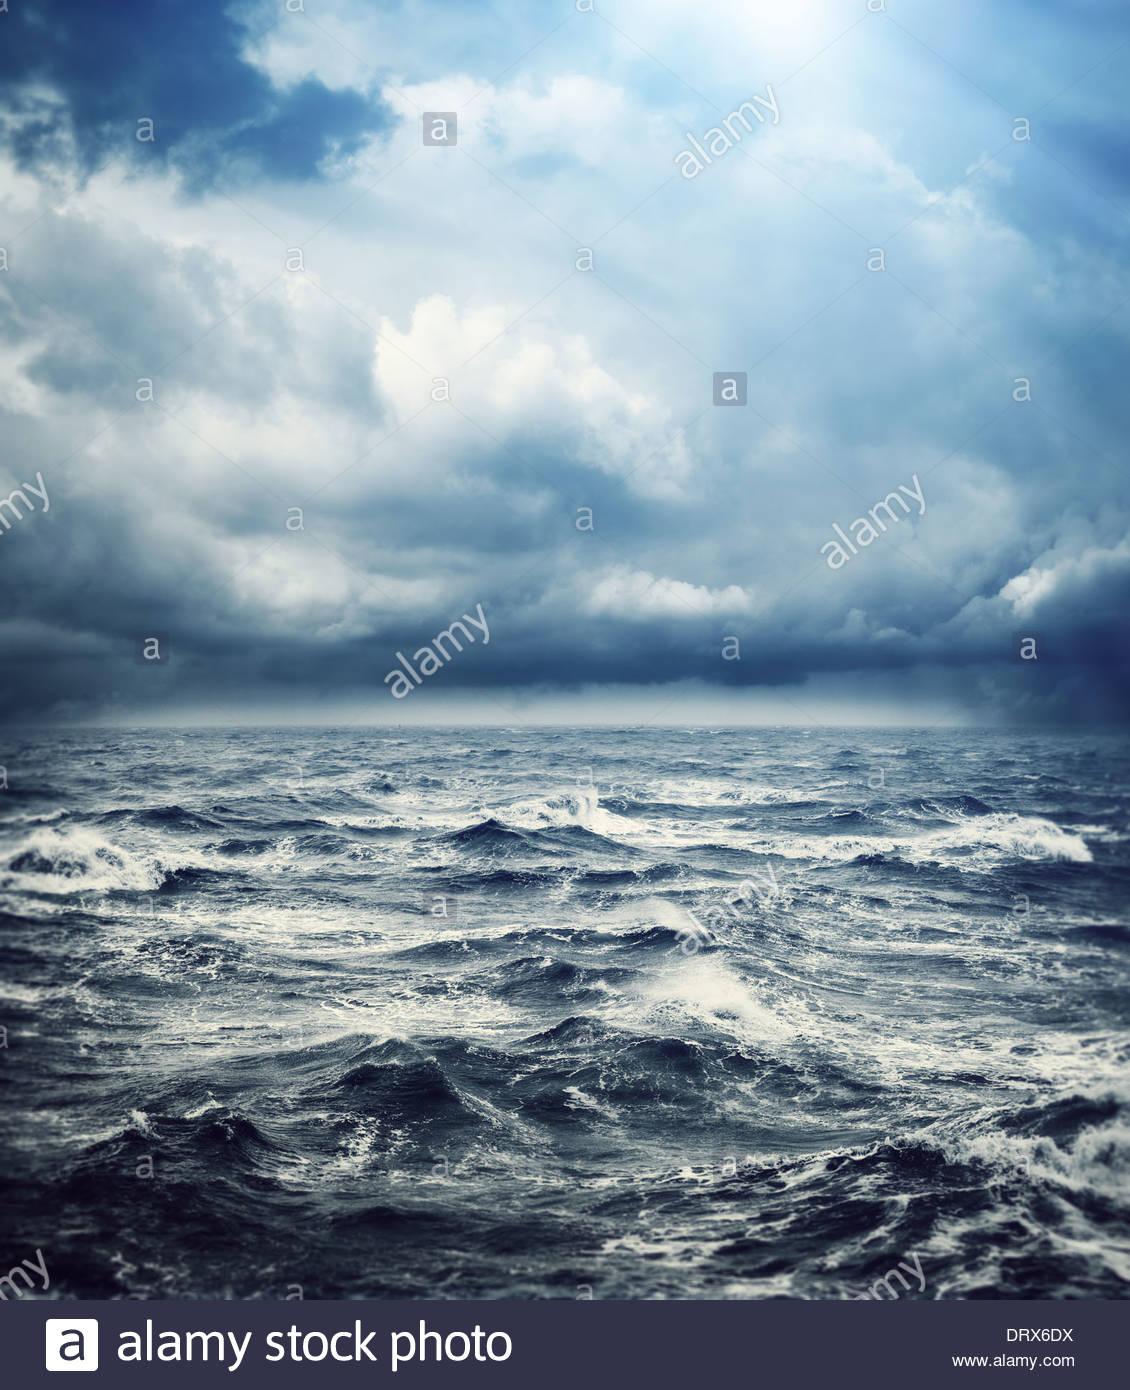 rough sea stormy sky - Stock Image